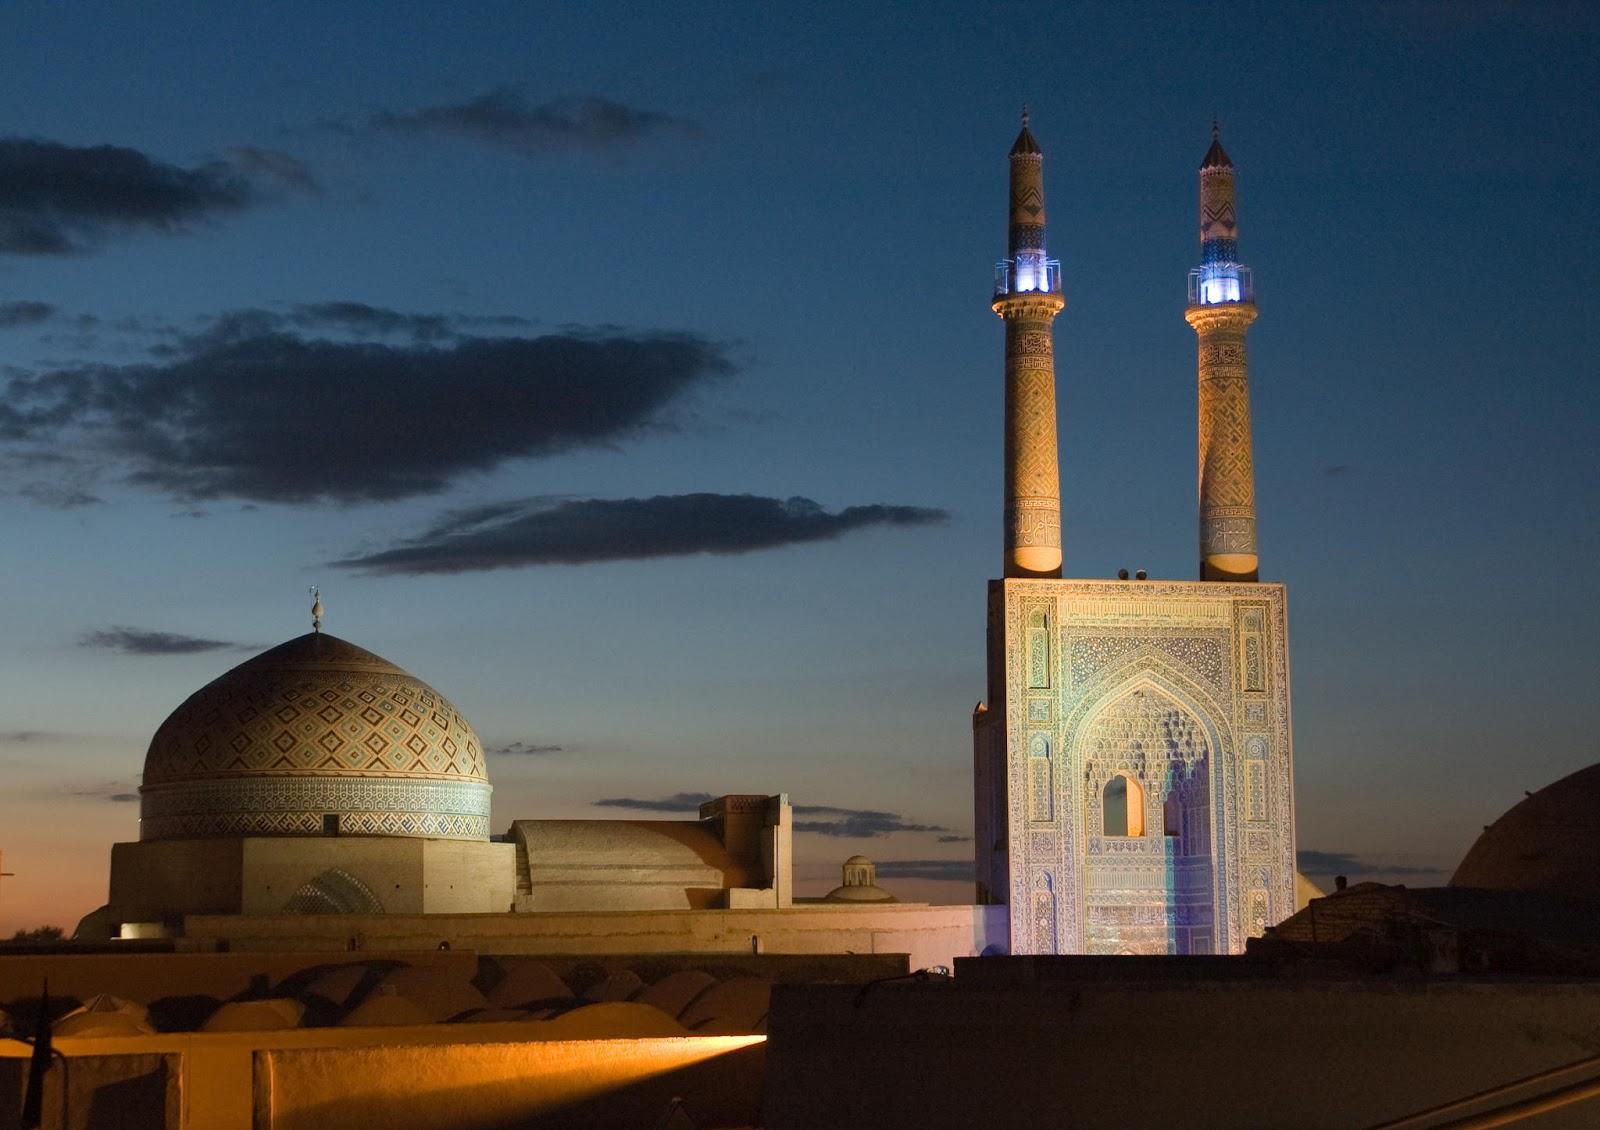 تفسير المسجد في المنام